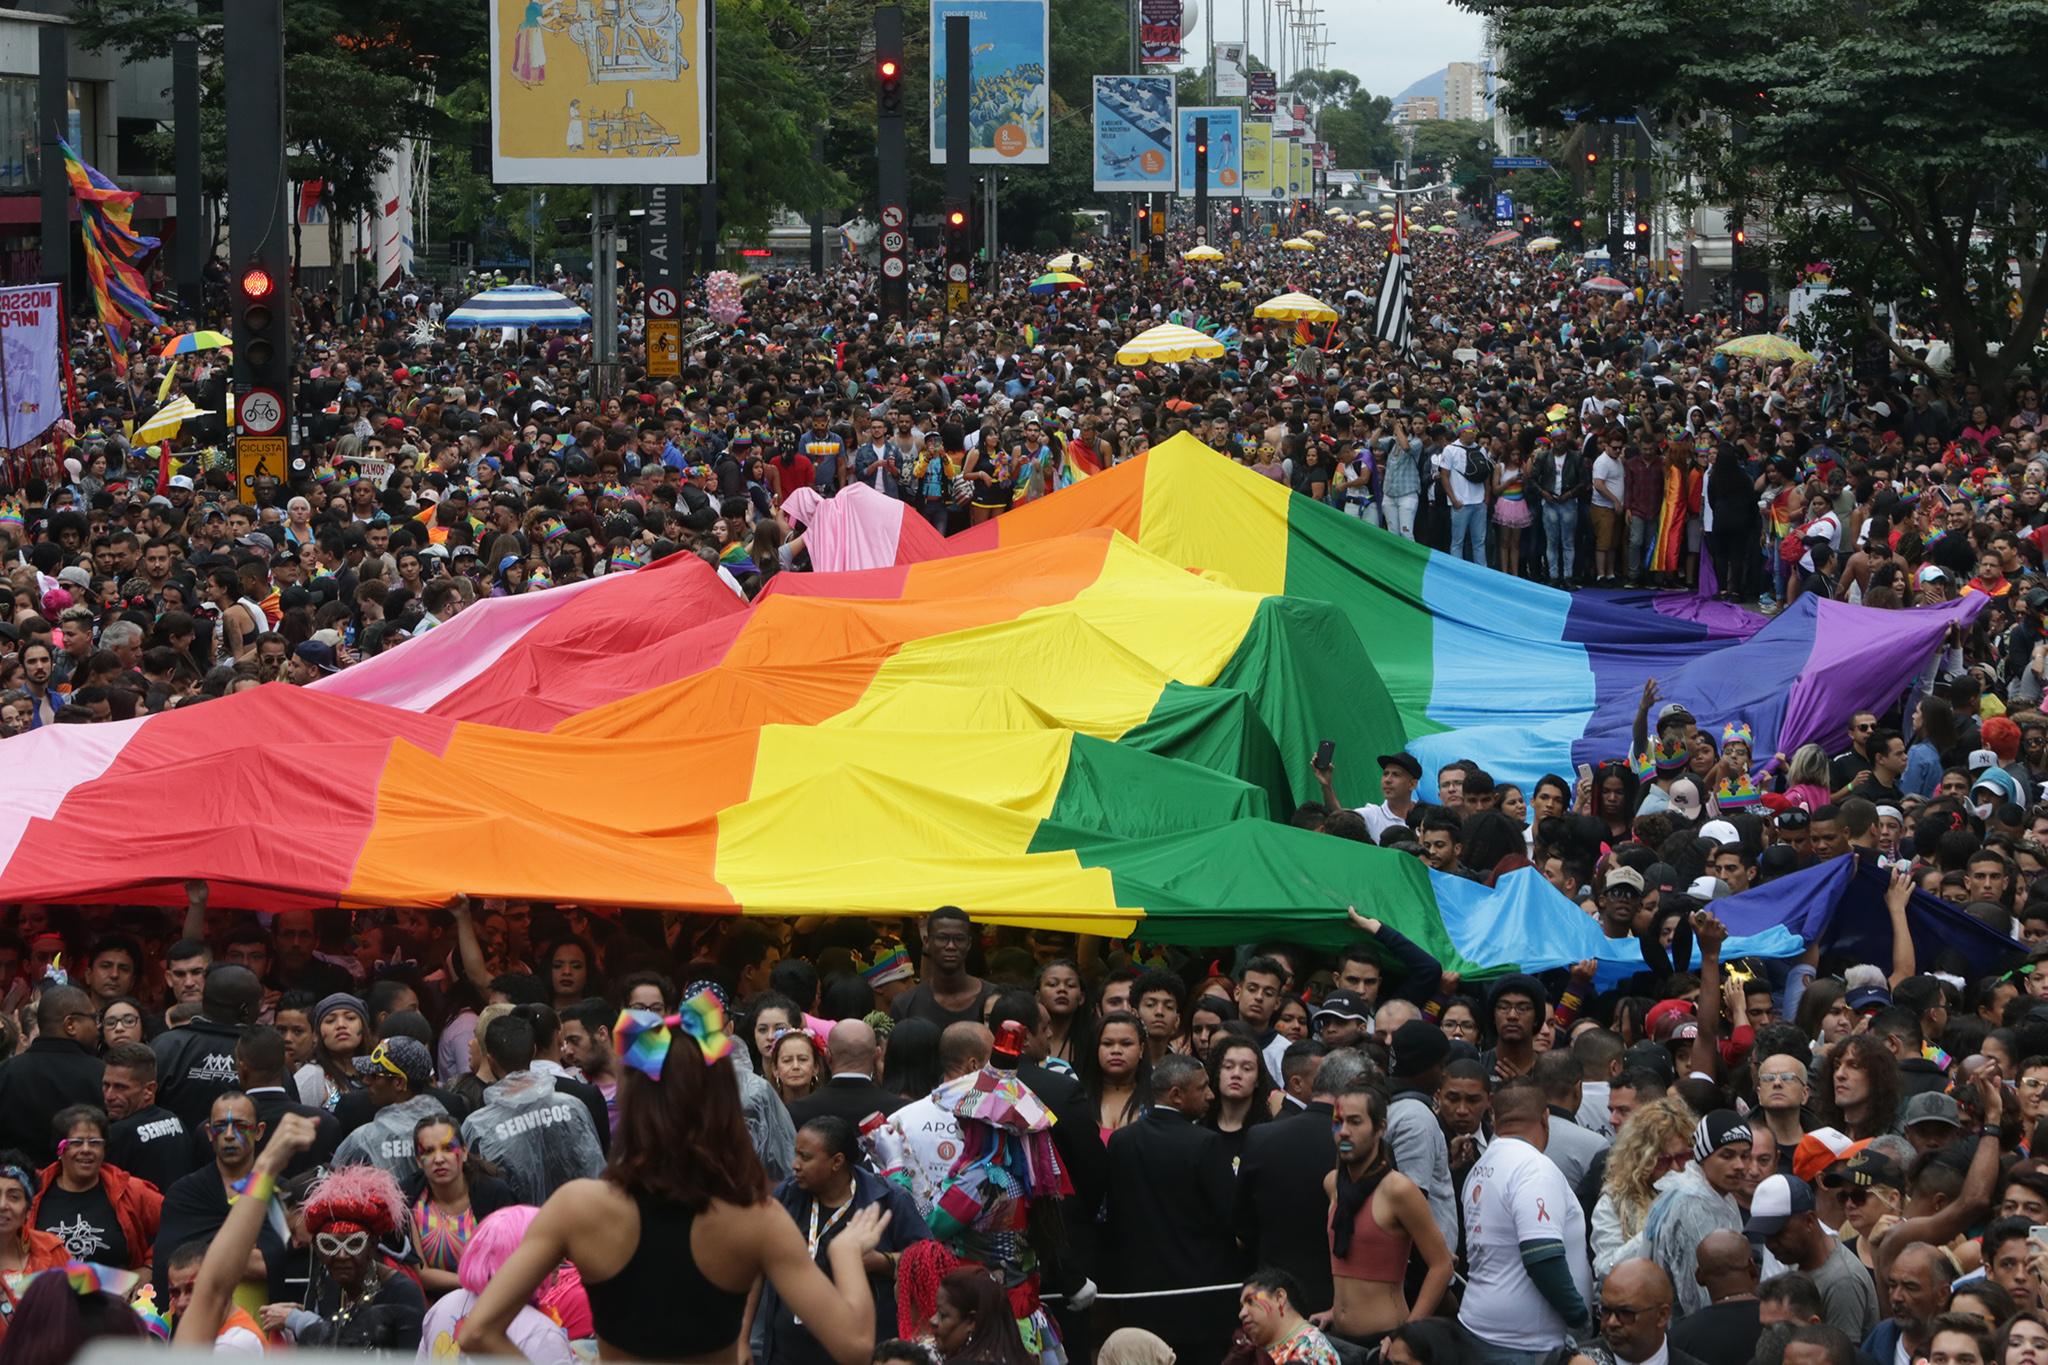 Conquistas como doação de sangue, casamento e criminalização da homotransfobia foram alguns dos destaques do Universitária Especial Orgulho LGBTQIA+ (Foto: Reprodução/Internet)